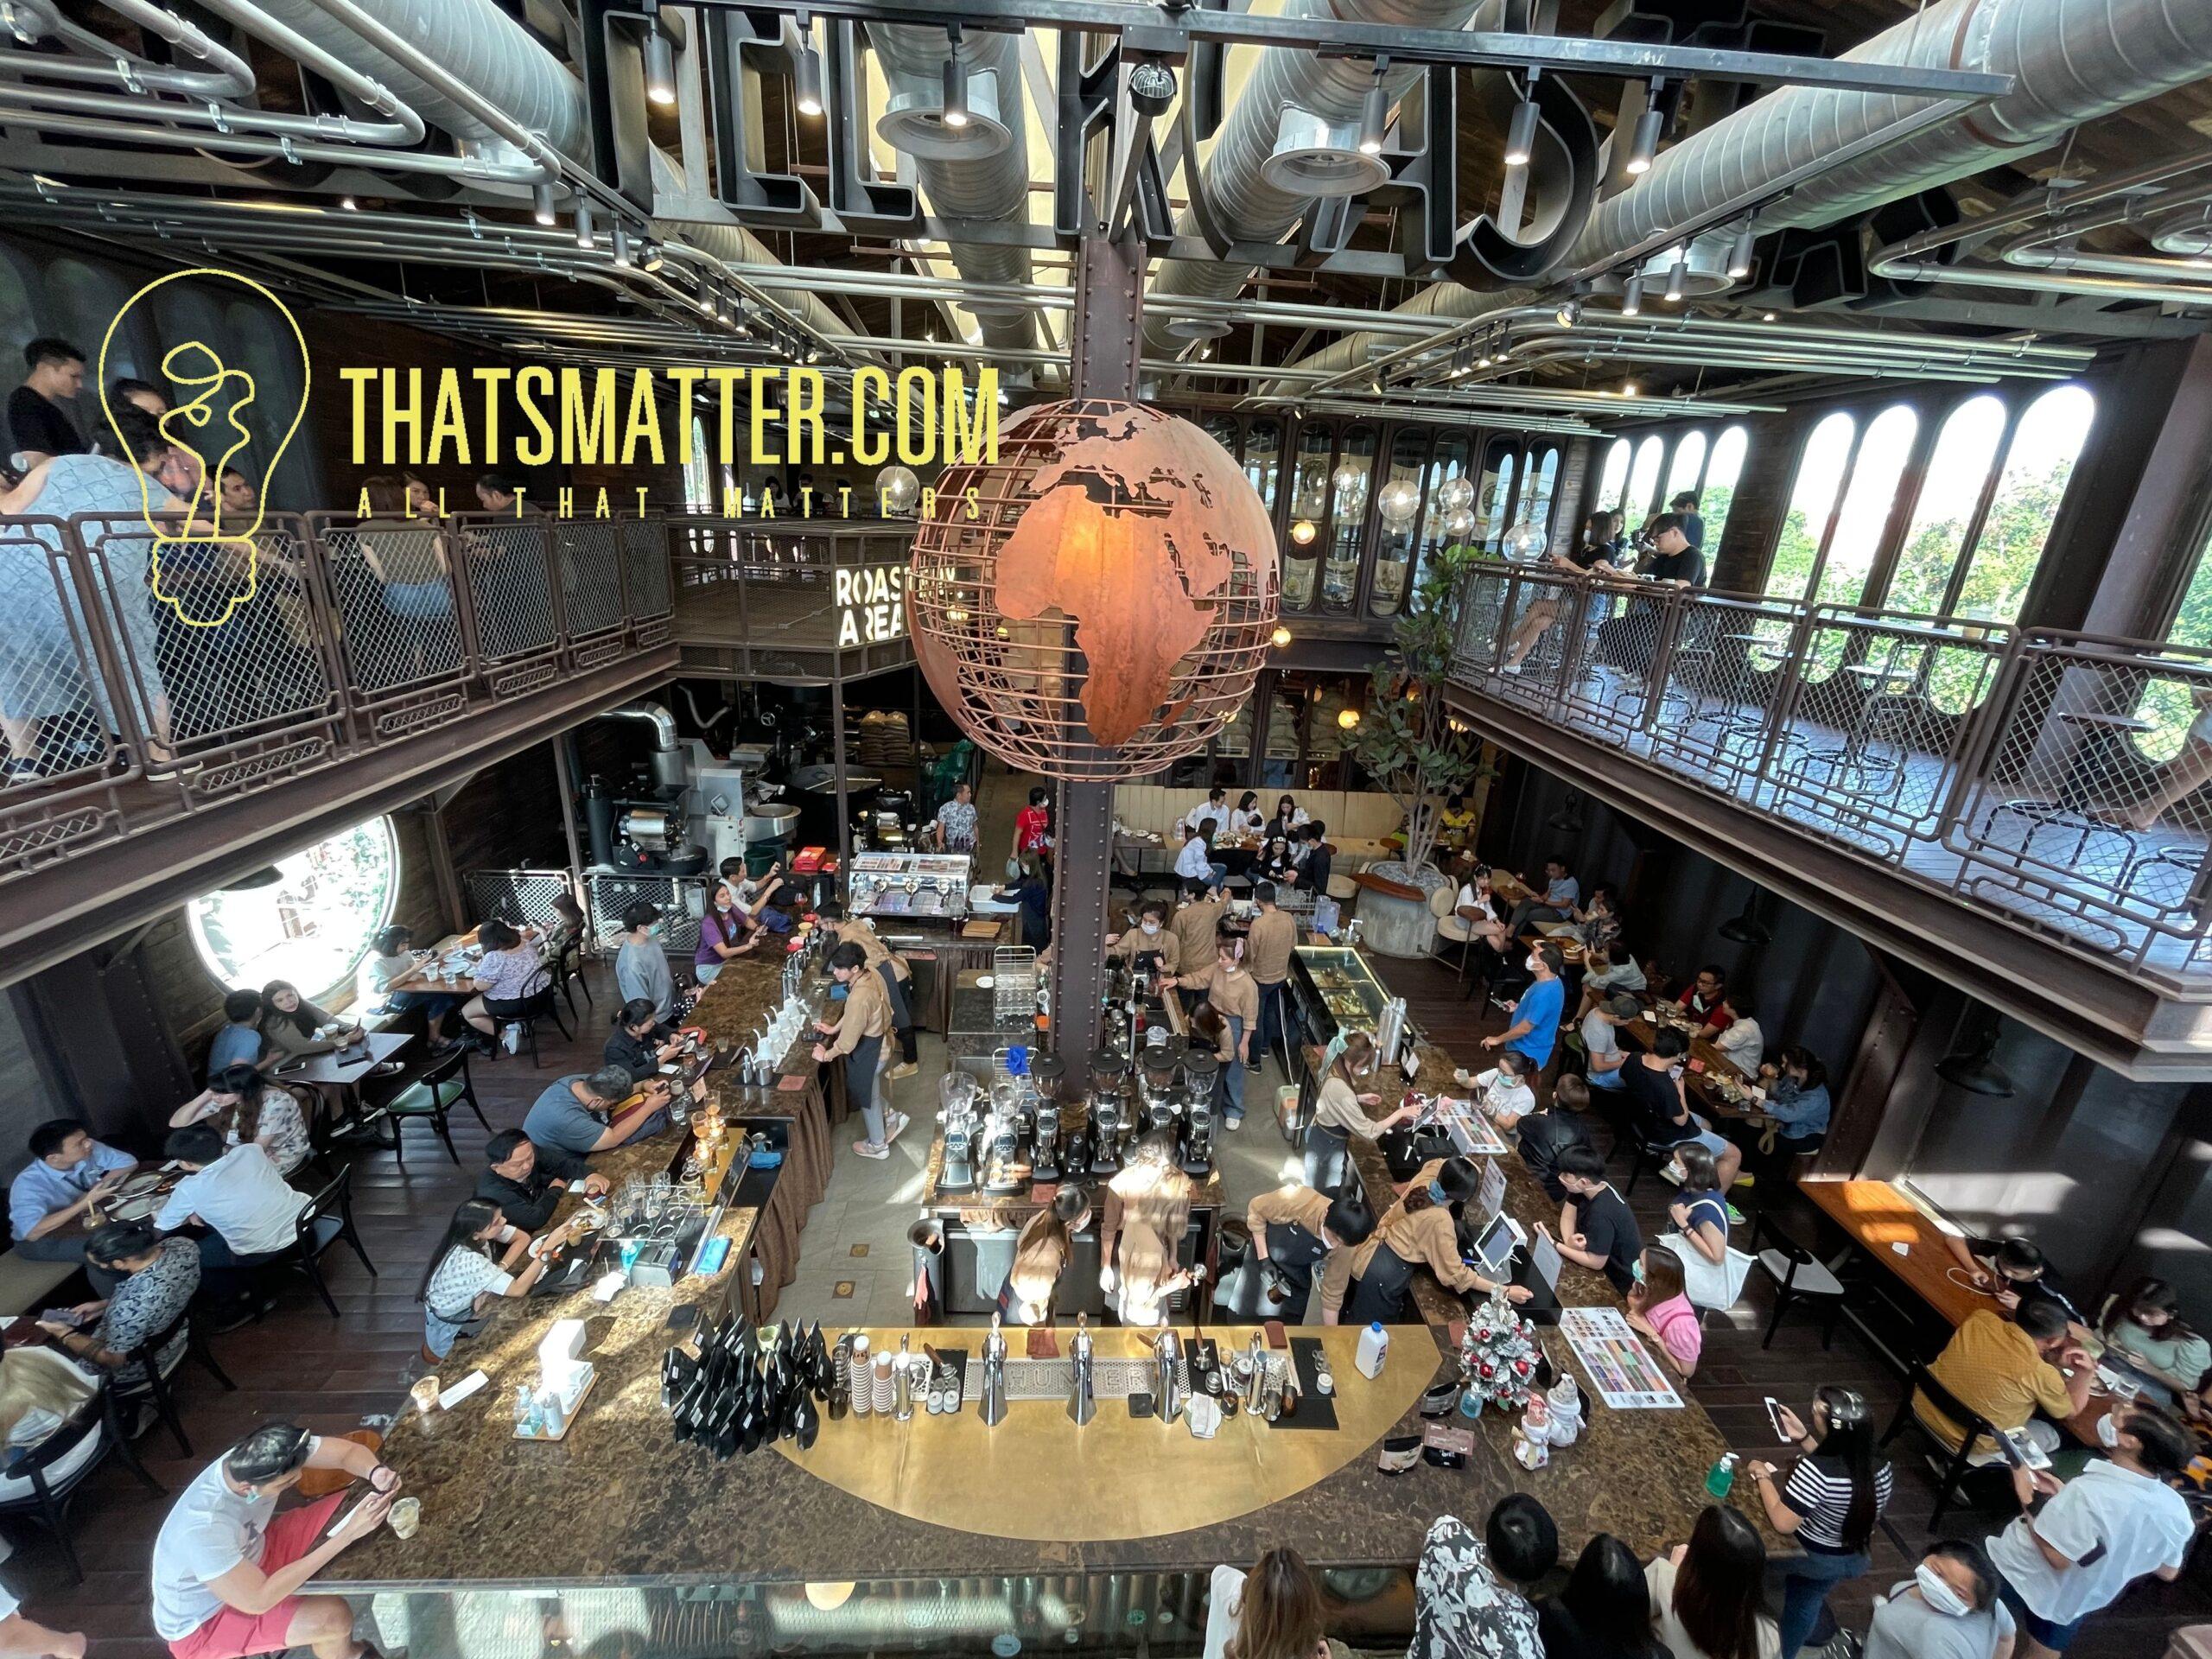 ร้านจะเป็นการตกแต่งเป็นคาเฟ่สไตล์โรงคั่วกาแฟ